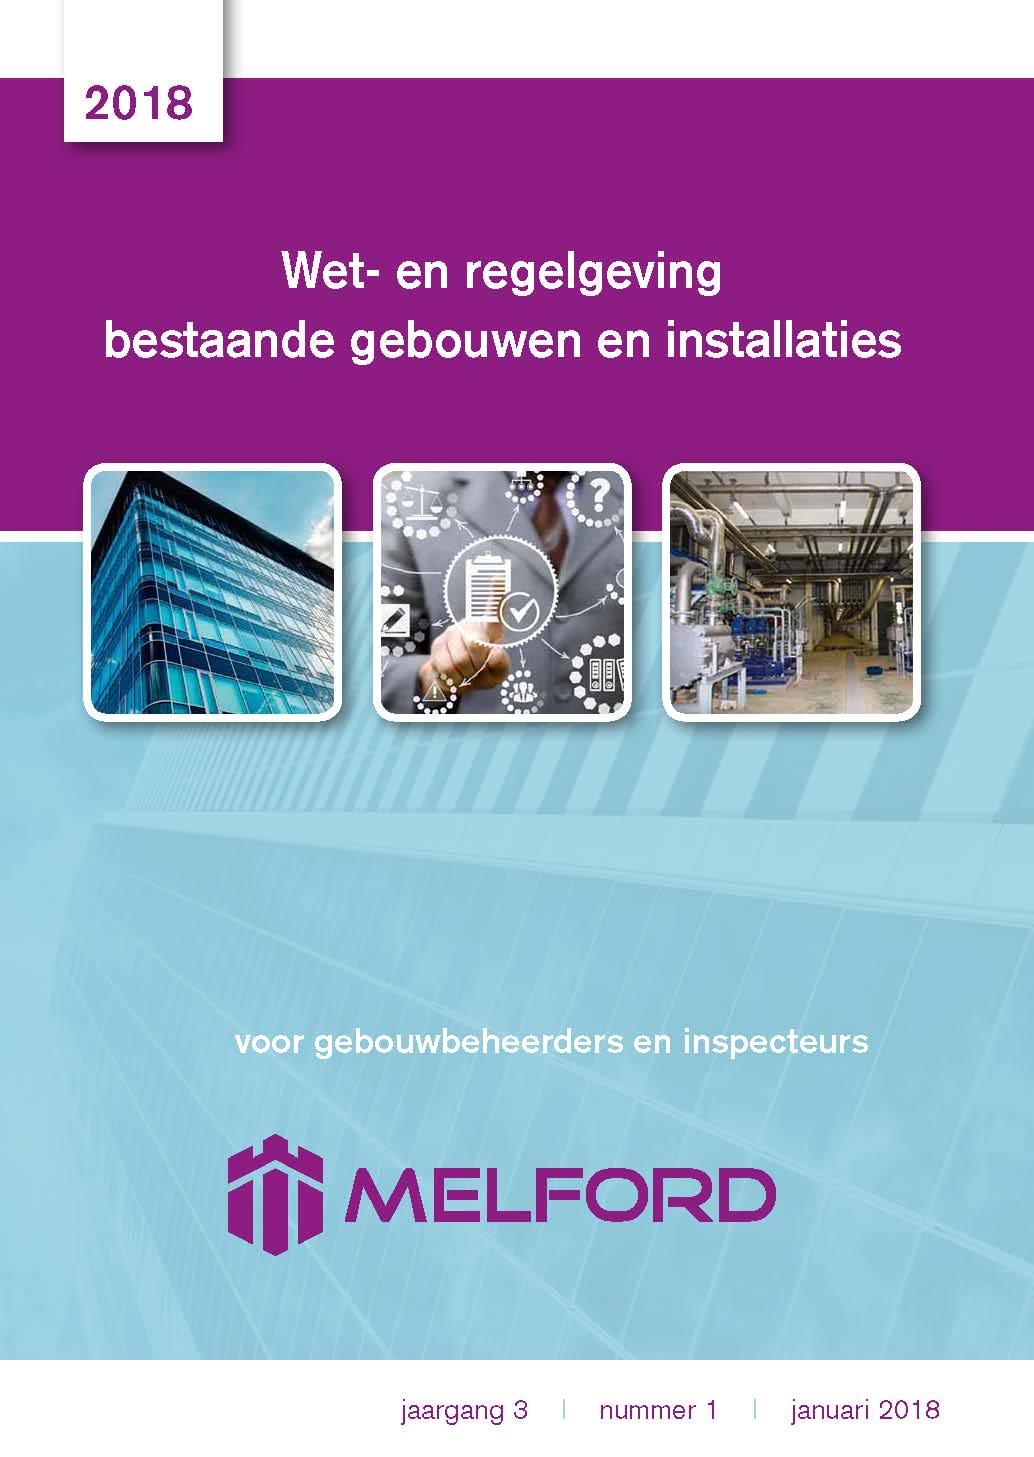 """<a href=""""http://melford.nl/zakboek/"""" rel=""""noopener"""" target=""""_blank"""">Zakboek Wet- en regelgeving</a>"""